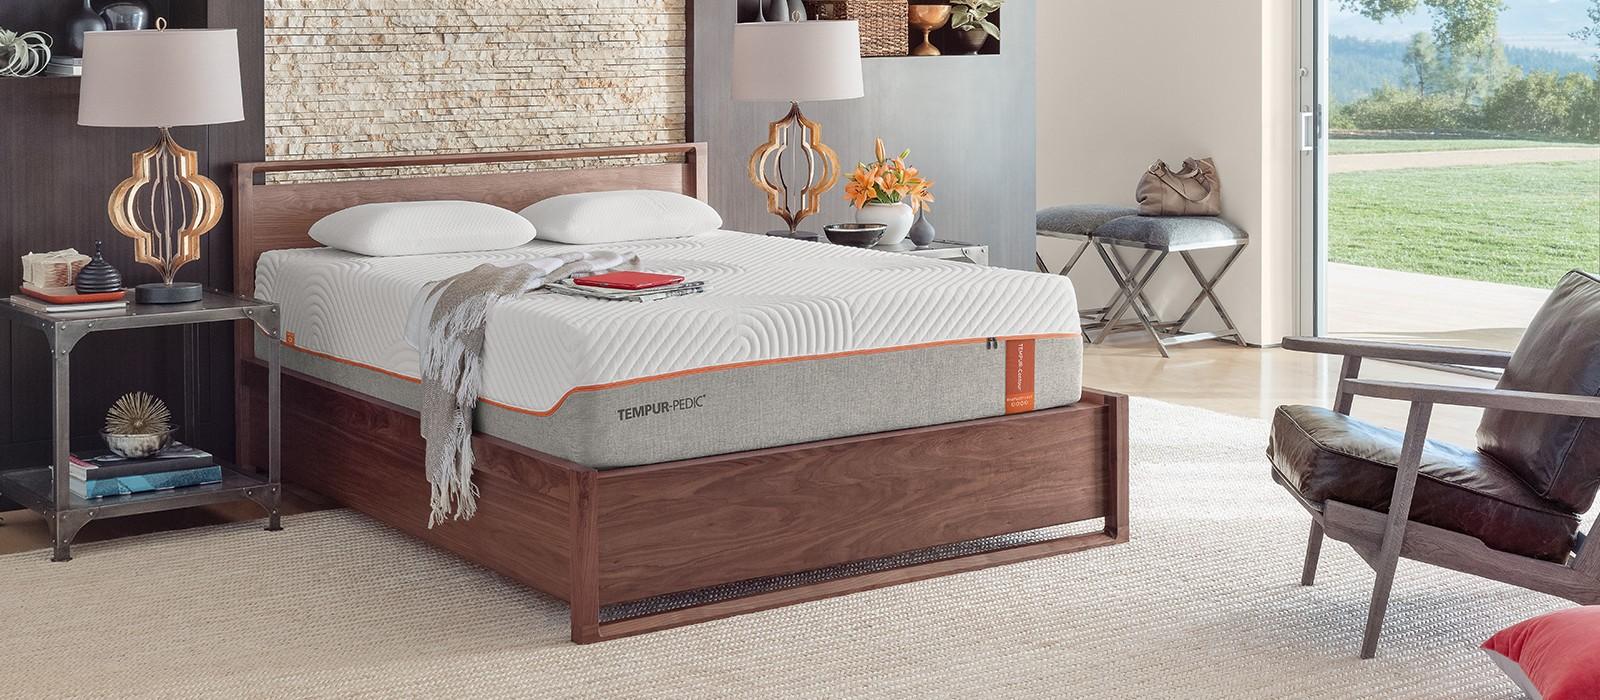 tempur contour rhapsody luxe mattress tempur pedic - Tempur Pedic Bed Frames